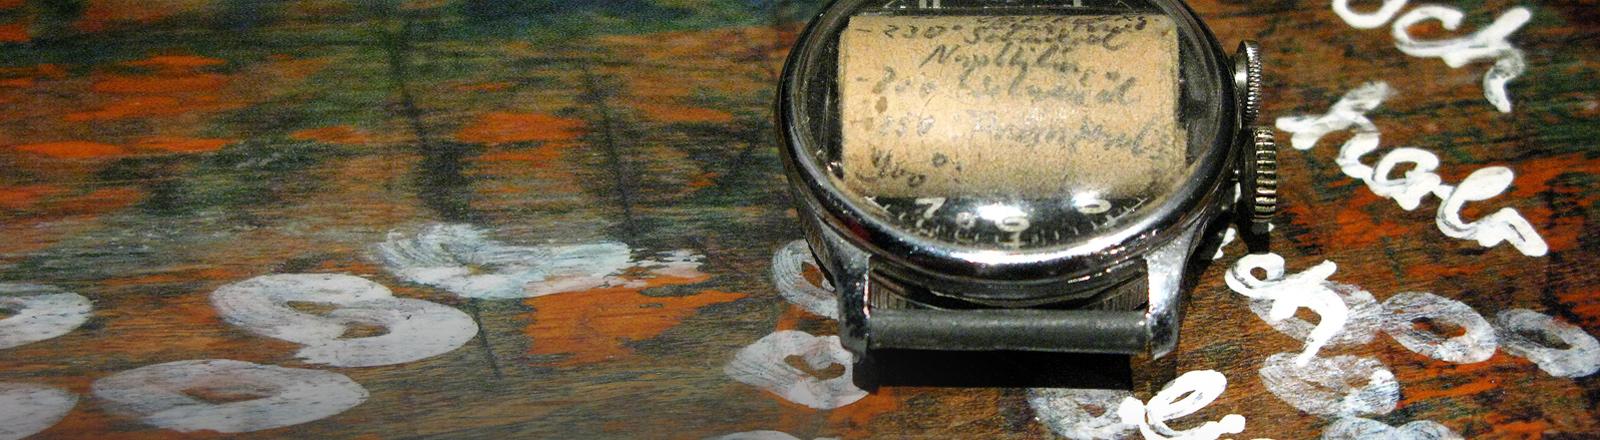 Ein Pfuschzettel in einer Uhr.